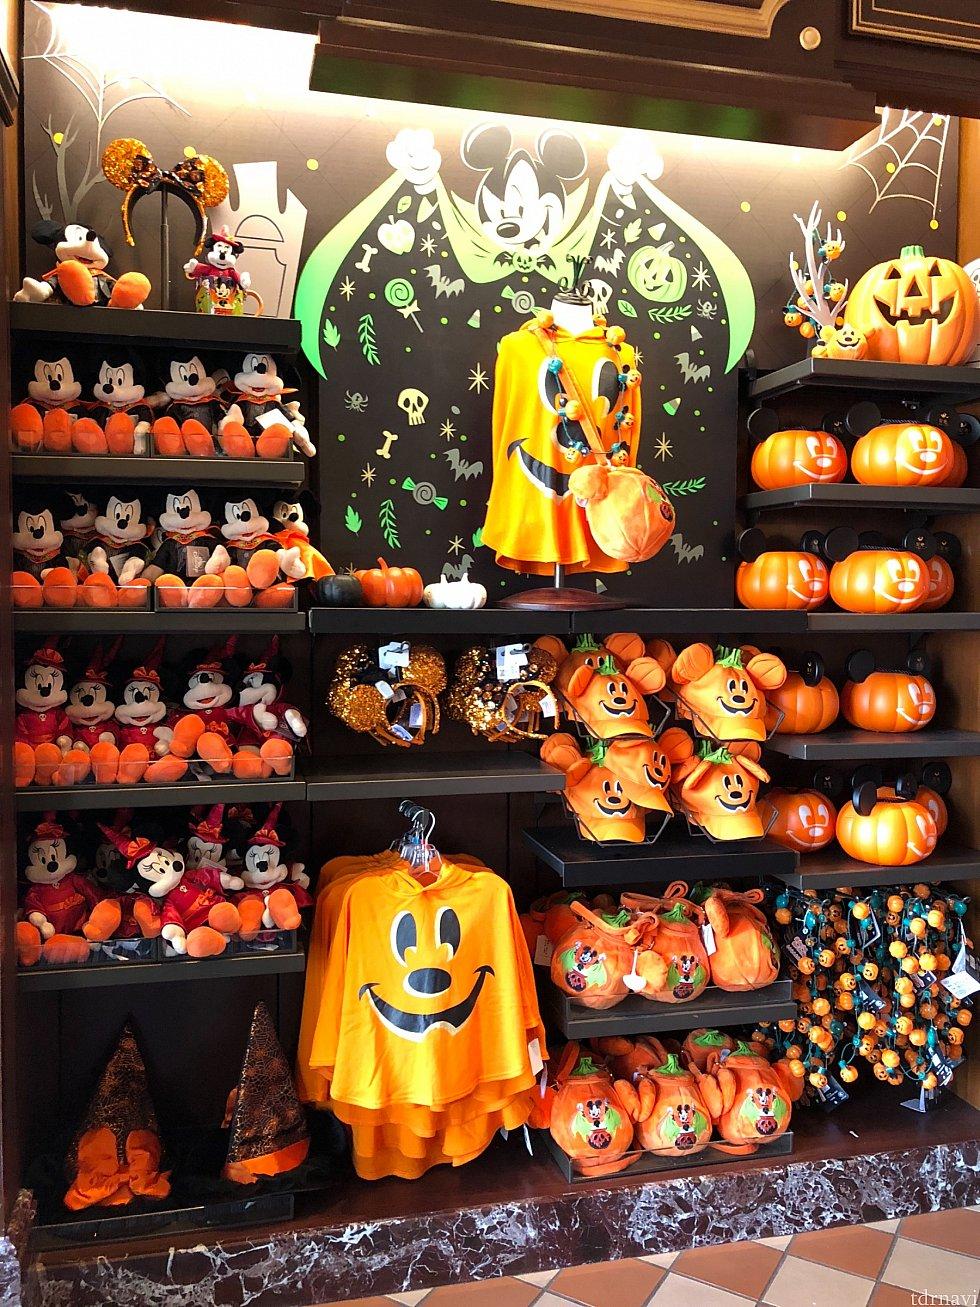 ハロウィンらしいかぼちゃグッズがたくさん!